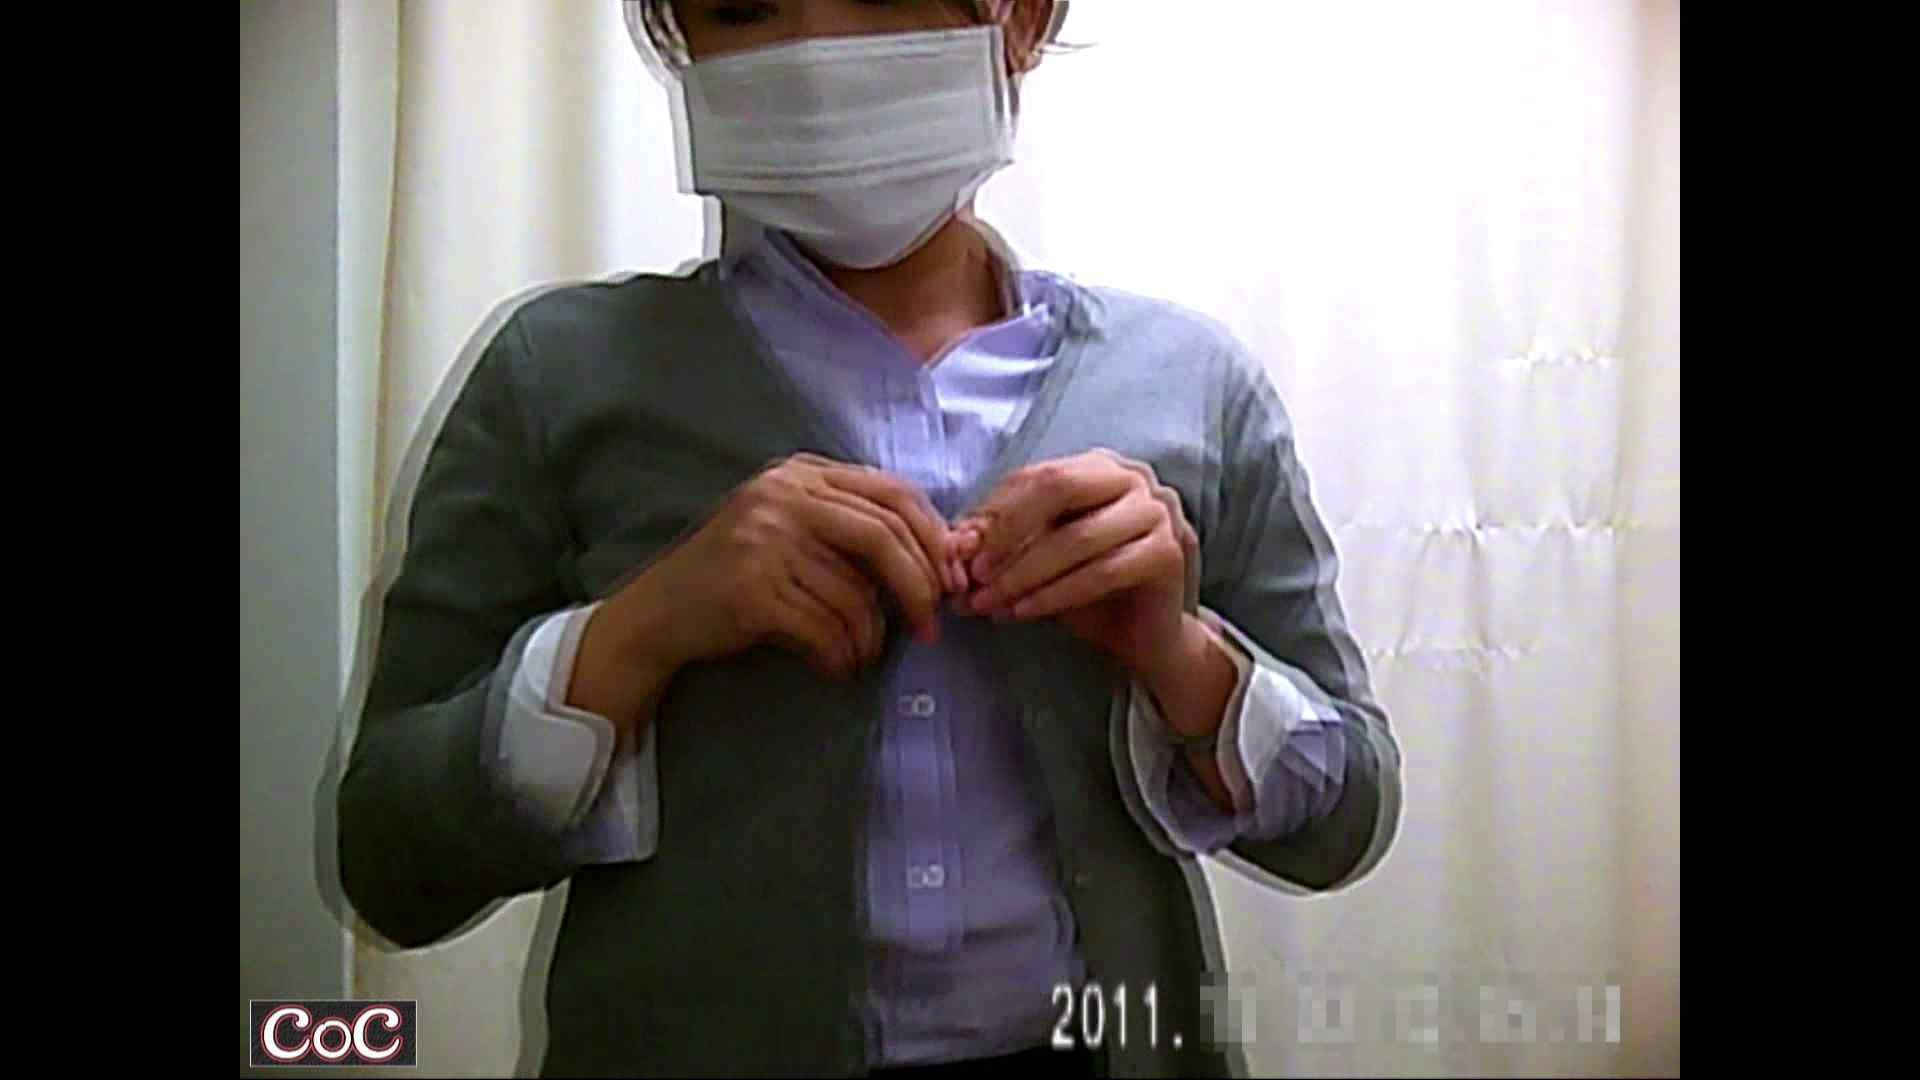 元医者による反抗 更衣室地獄絵巻 vol.248 OL  69pic 40